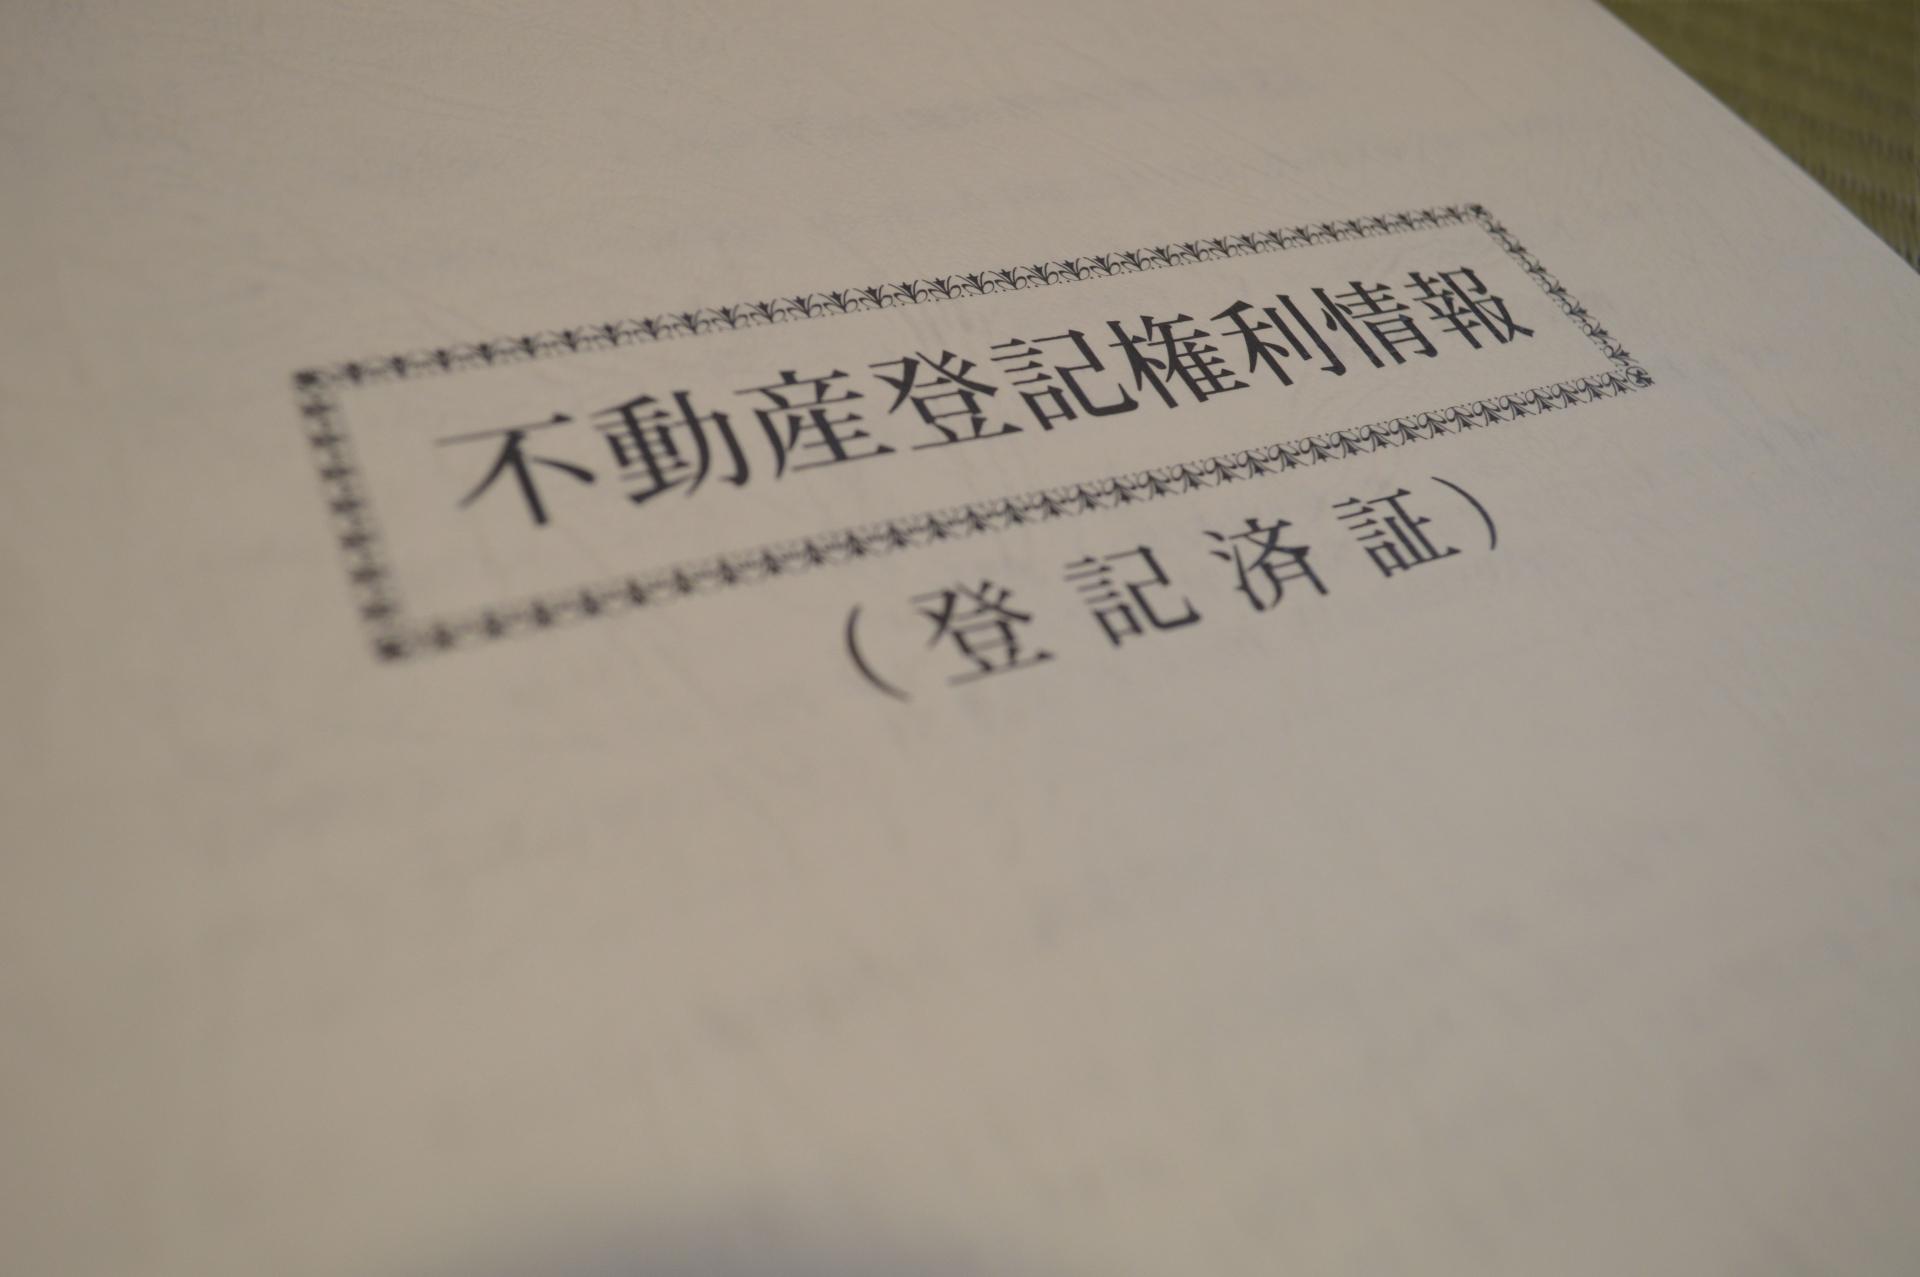 不動産登記書